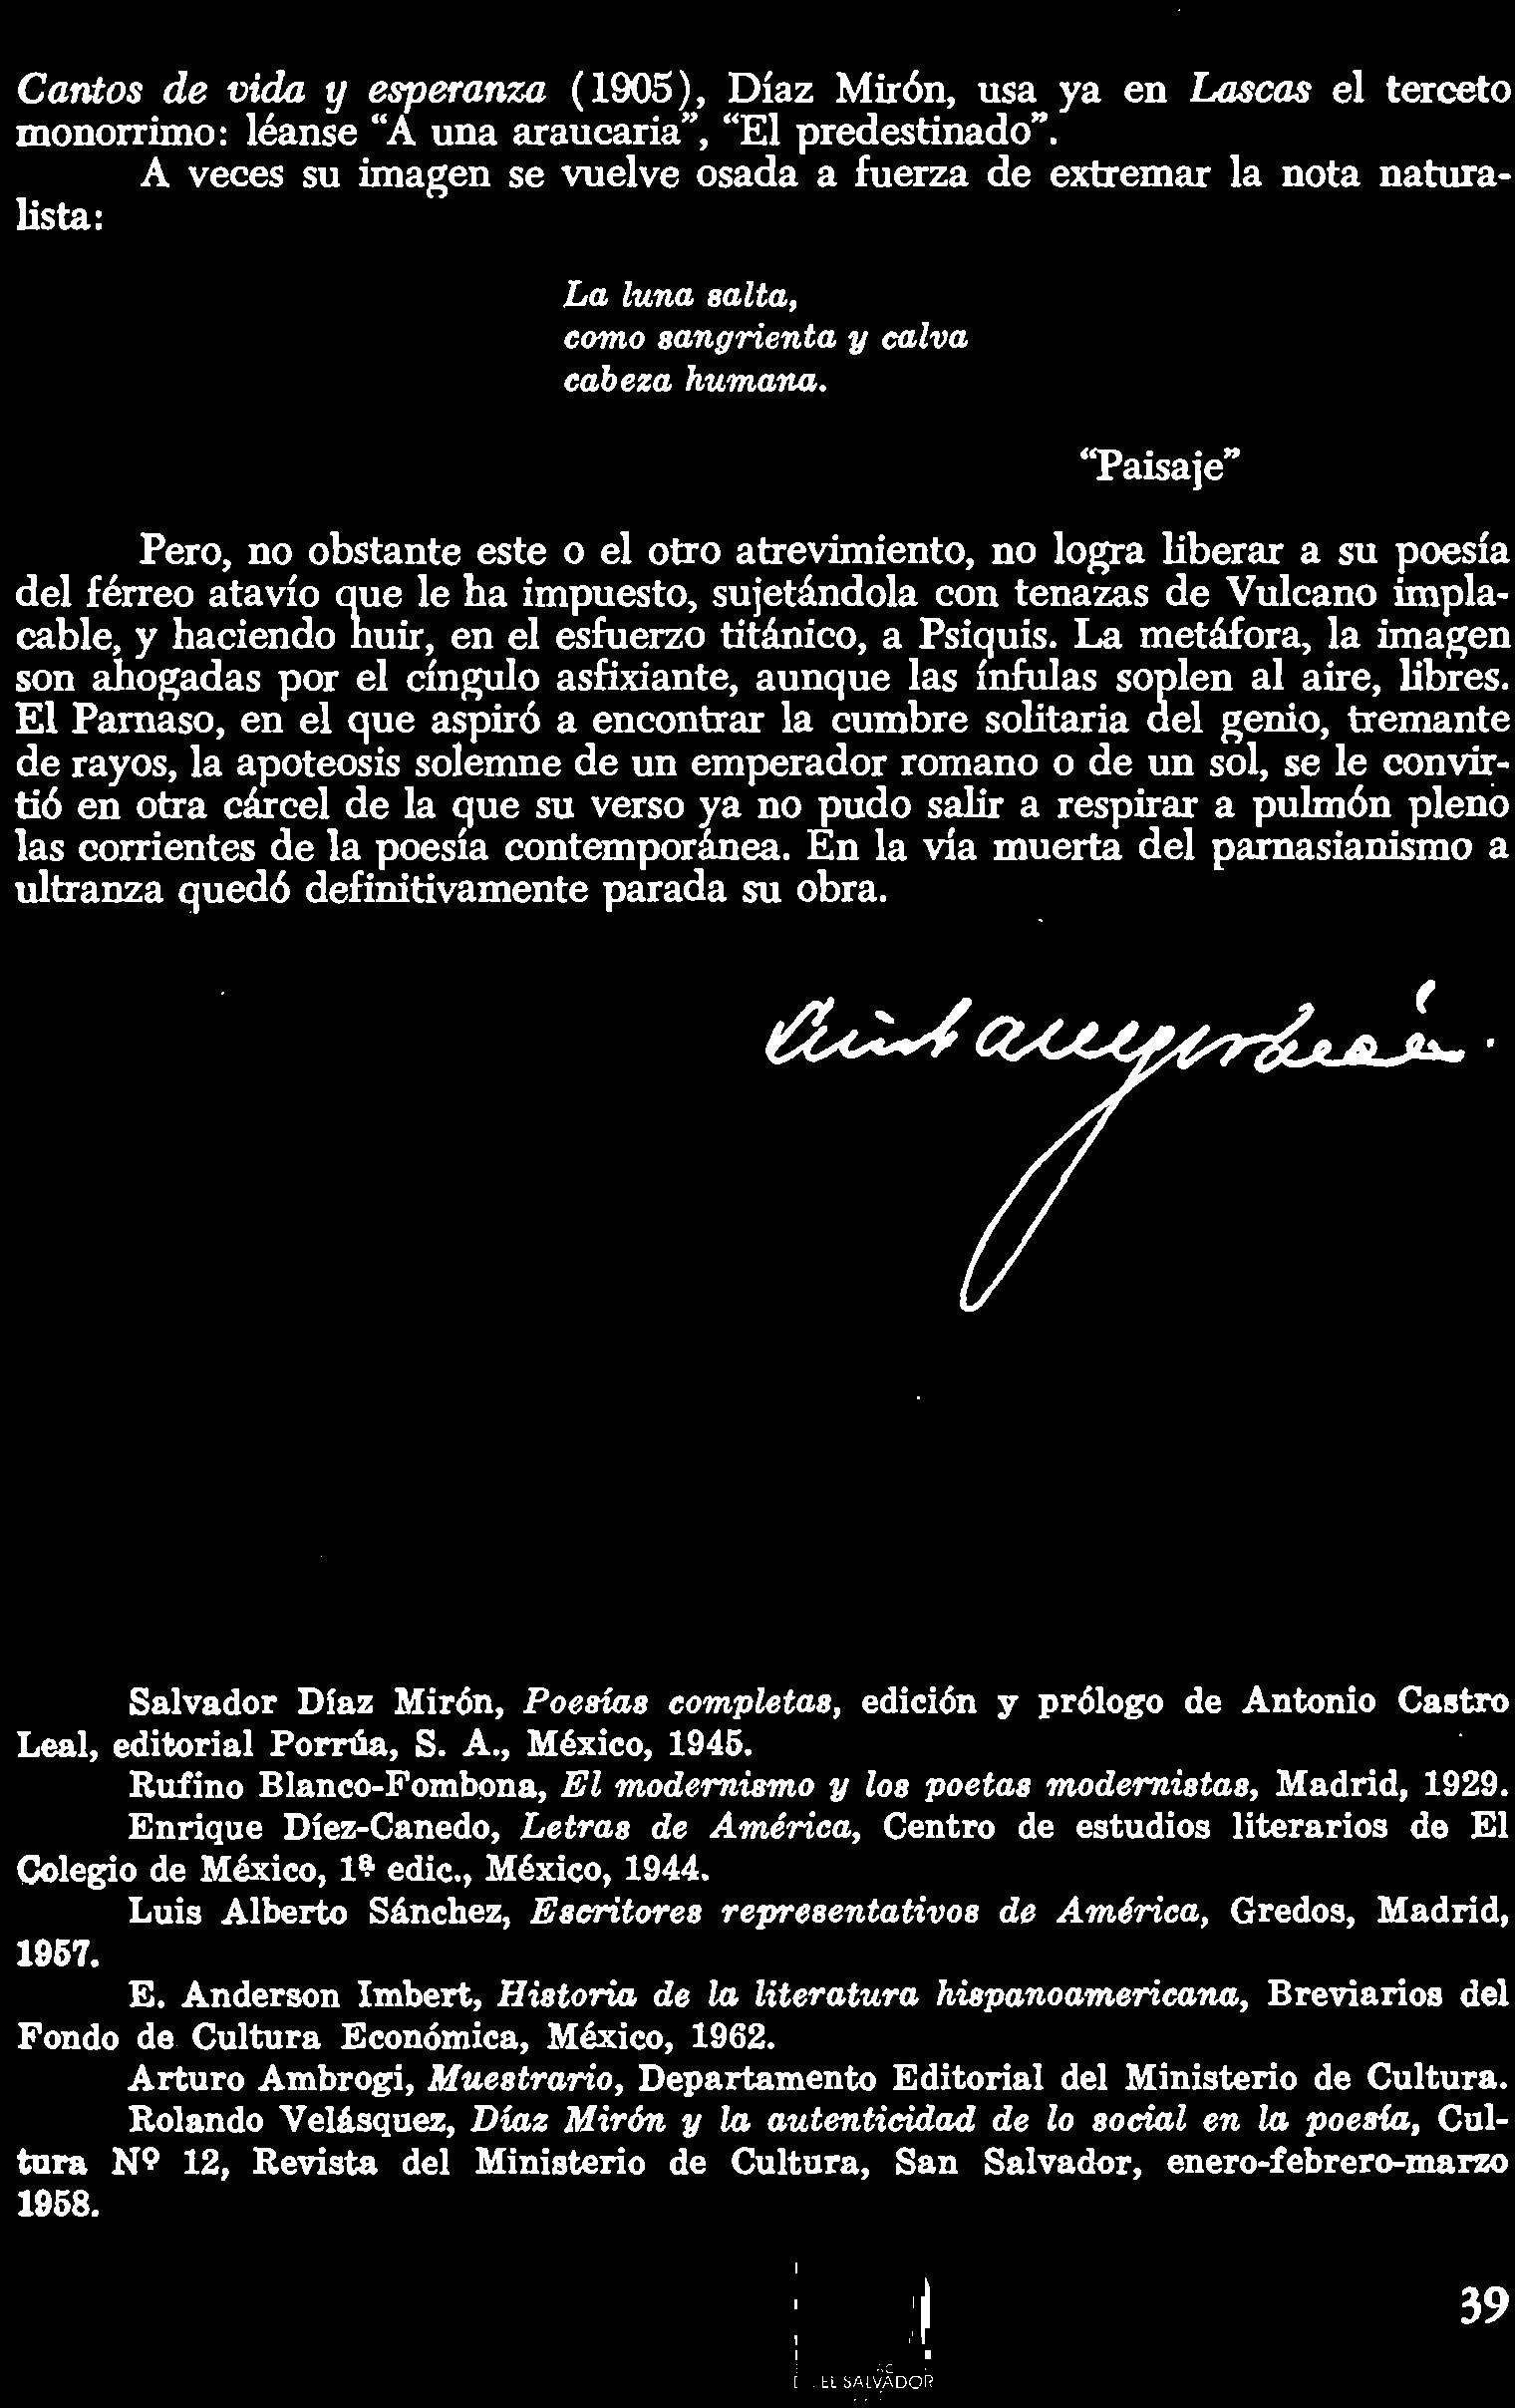 Calendario 2019 andalucia Para Imprimir Más Recientes Cultura Revista Del Ministerio De Educacion Pdf